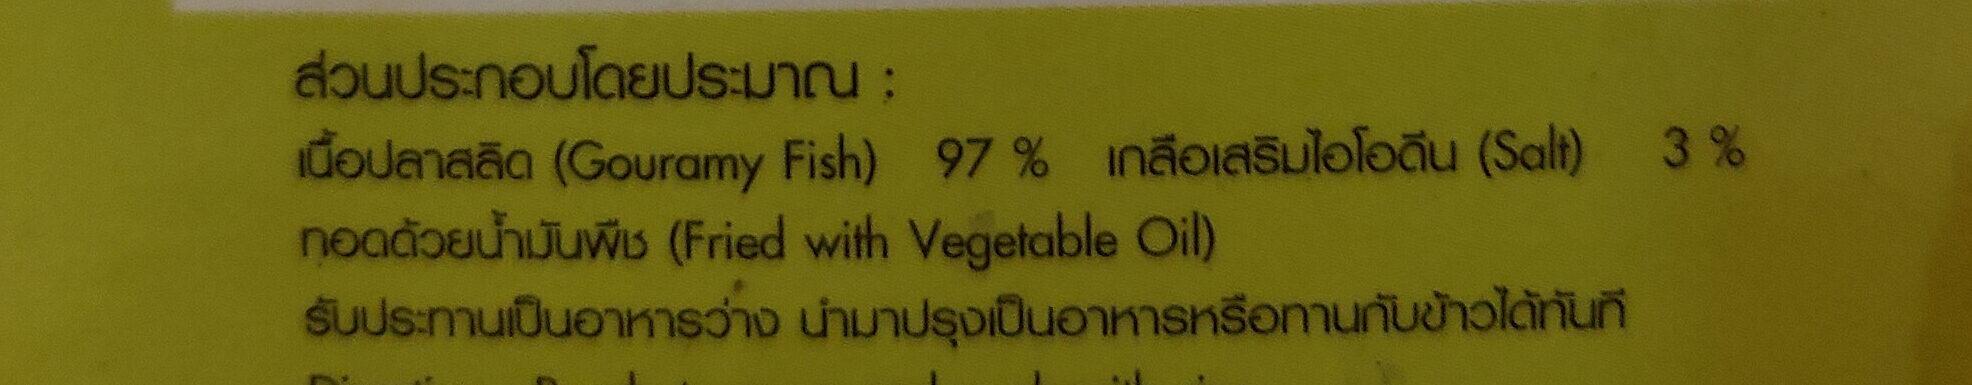 ปลาสลิดทอดกรอบ - Ingrédients - th